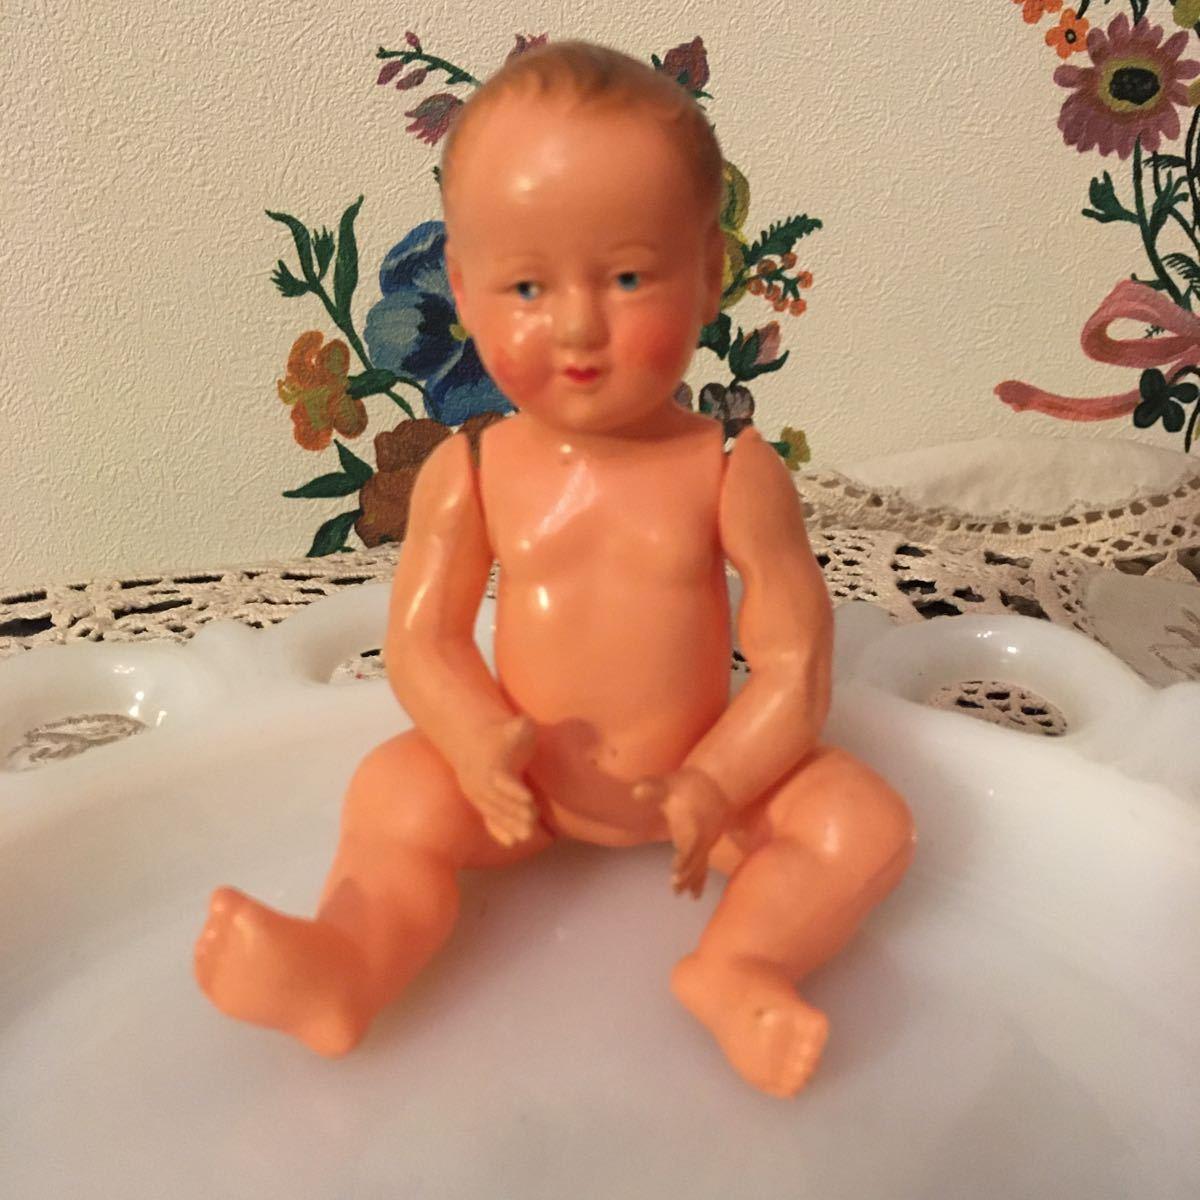 ヴィンテージ プチコラン フランス セルロイド 赤ちゃん ベビー アンティーク ドール 人形_画像1